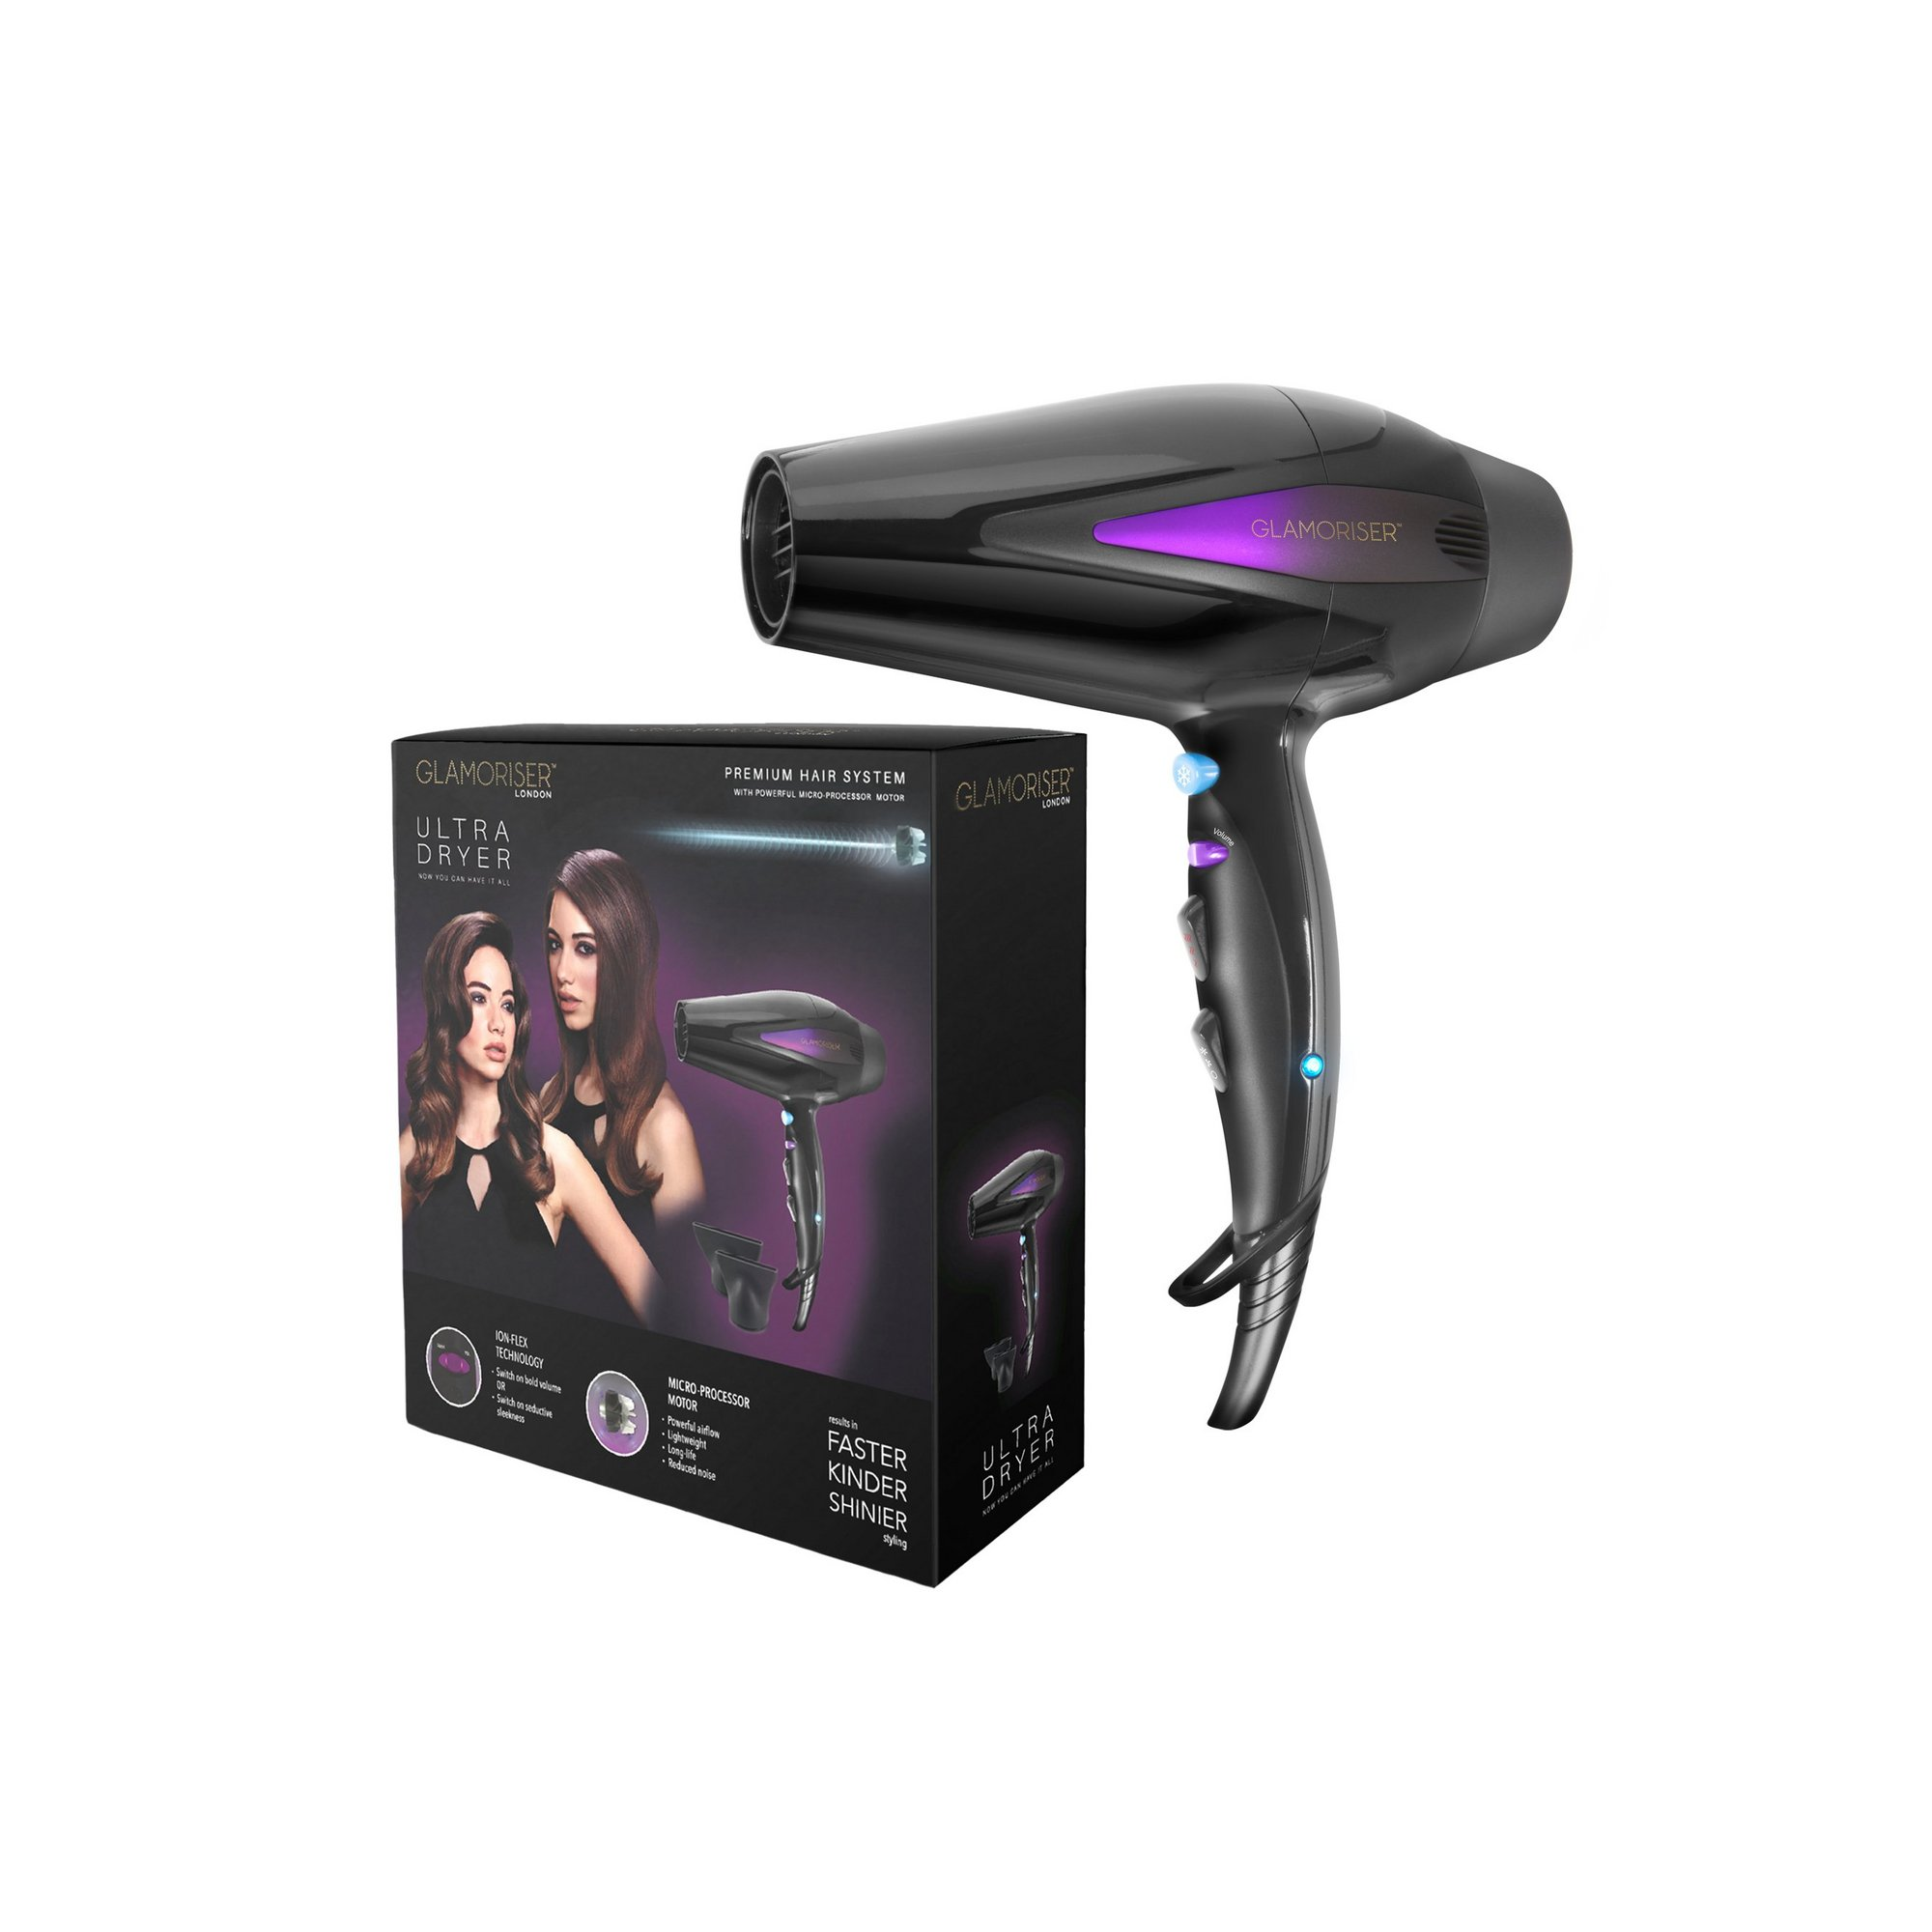 Image of Glamoriser Ultra Hair Dryer